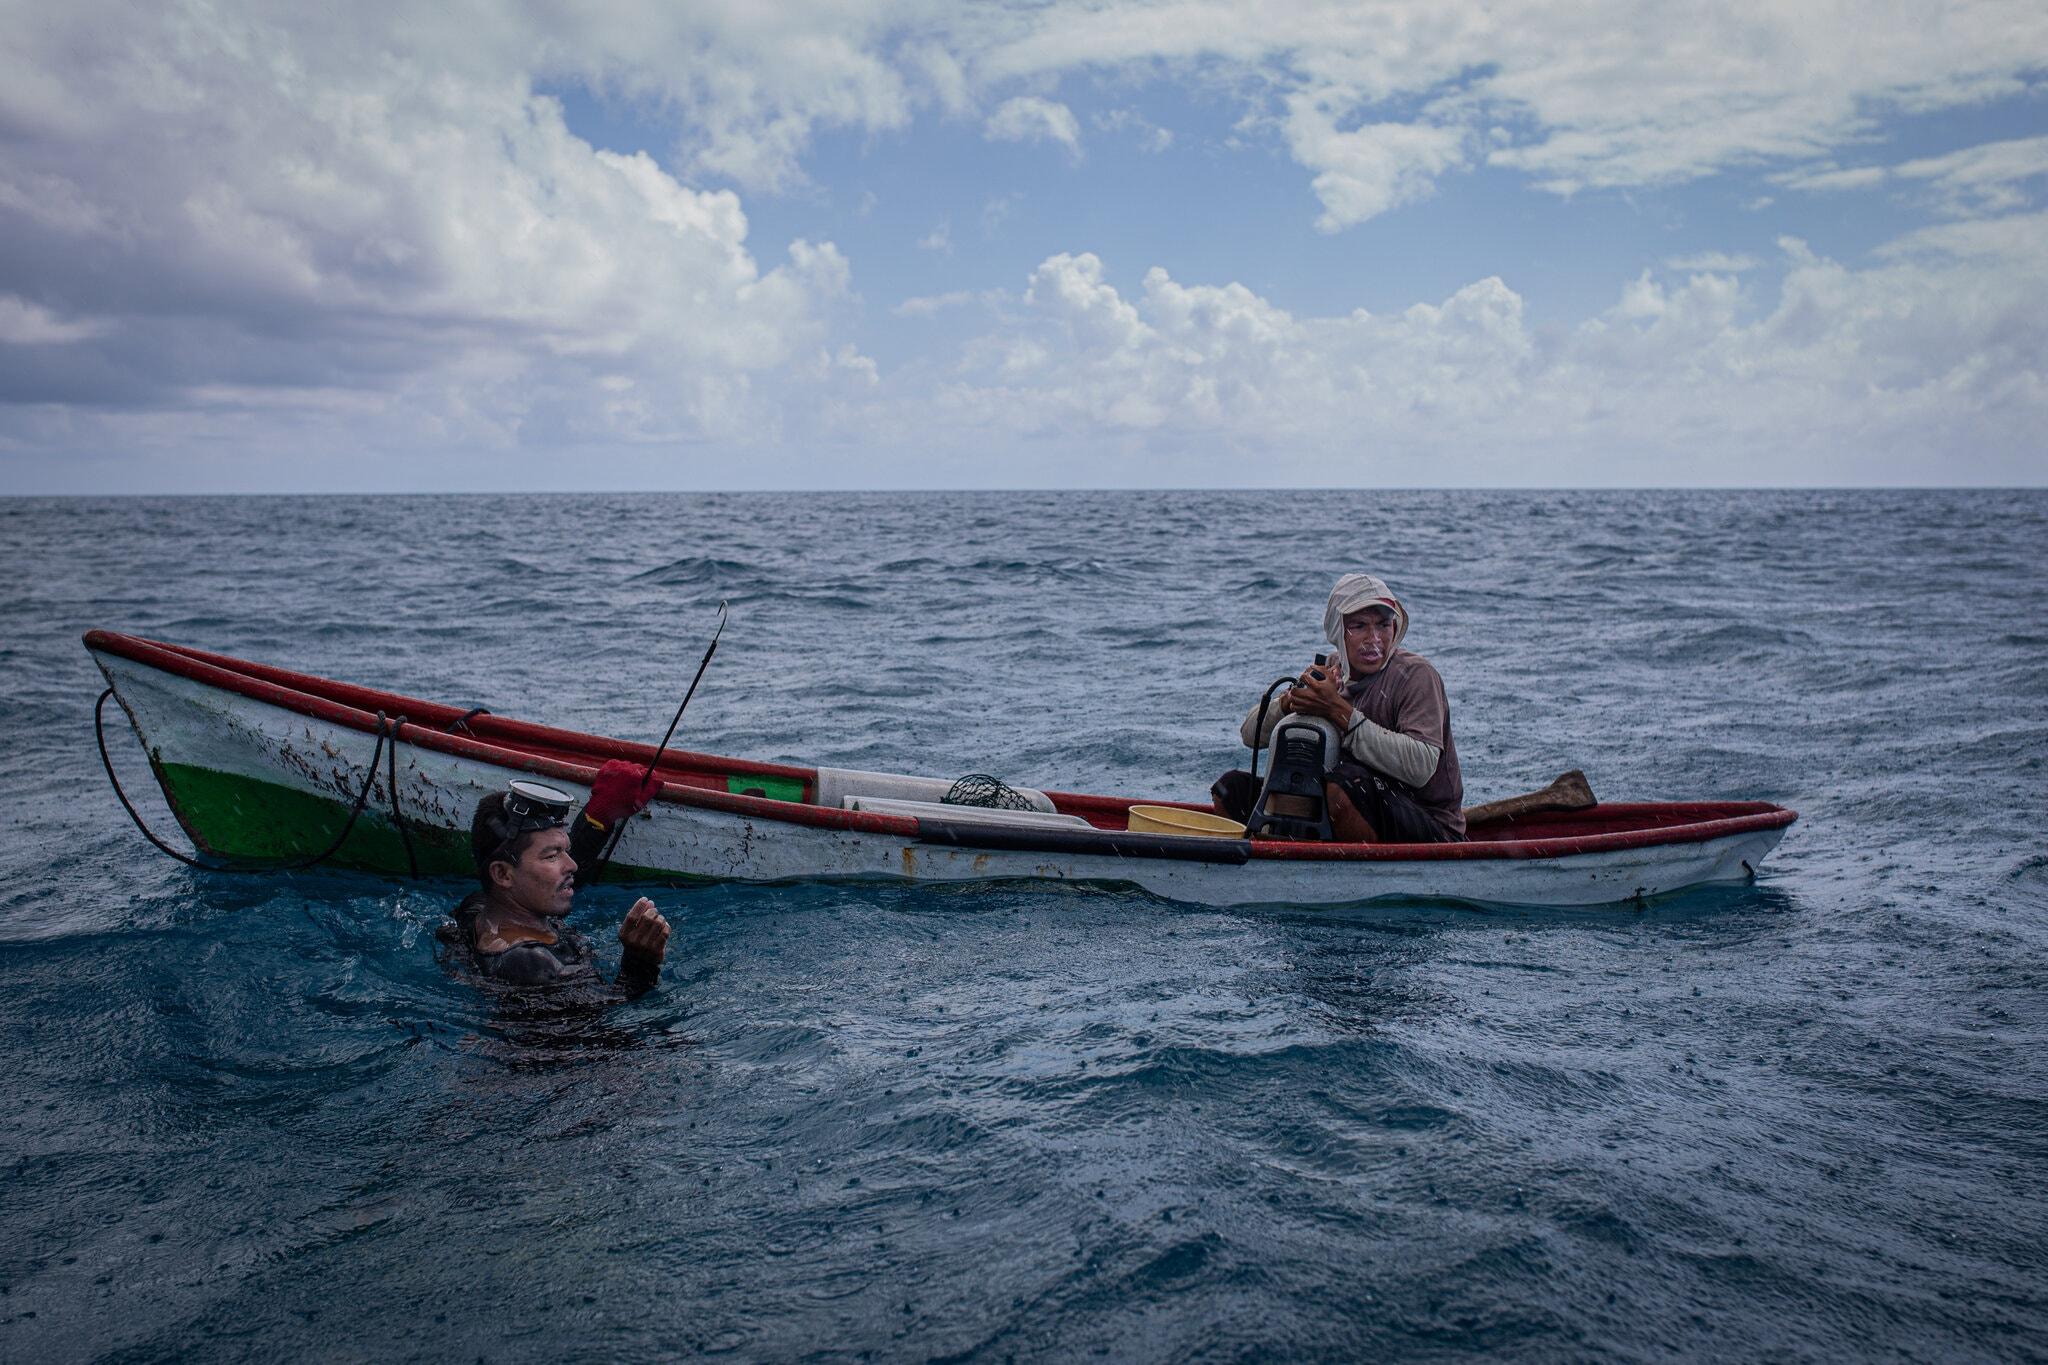 致命下潜!捞个龙虾,有的死有的瘫,加勒比渔民为何这么难?